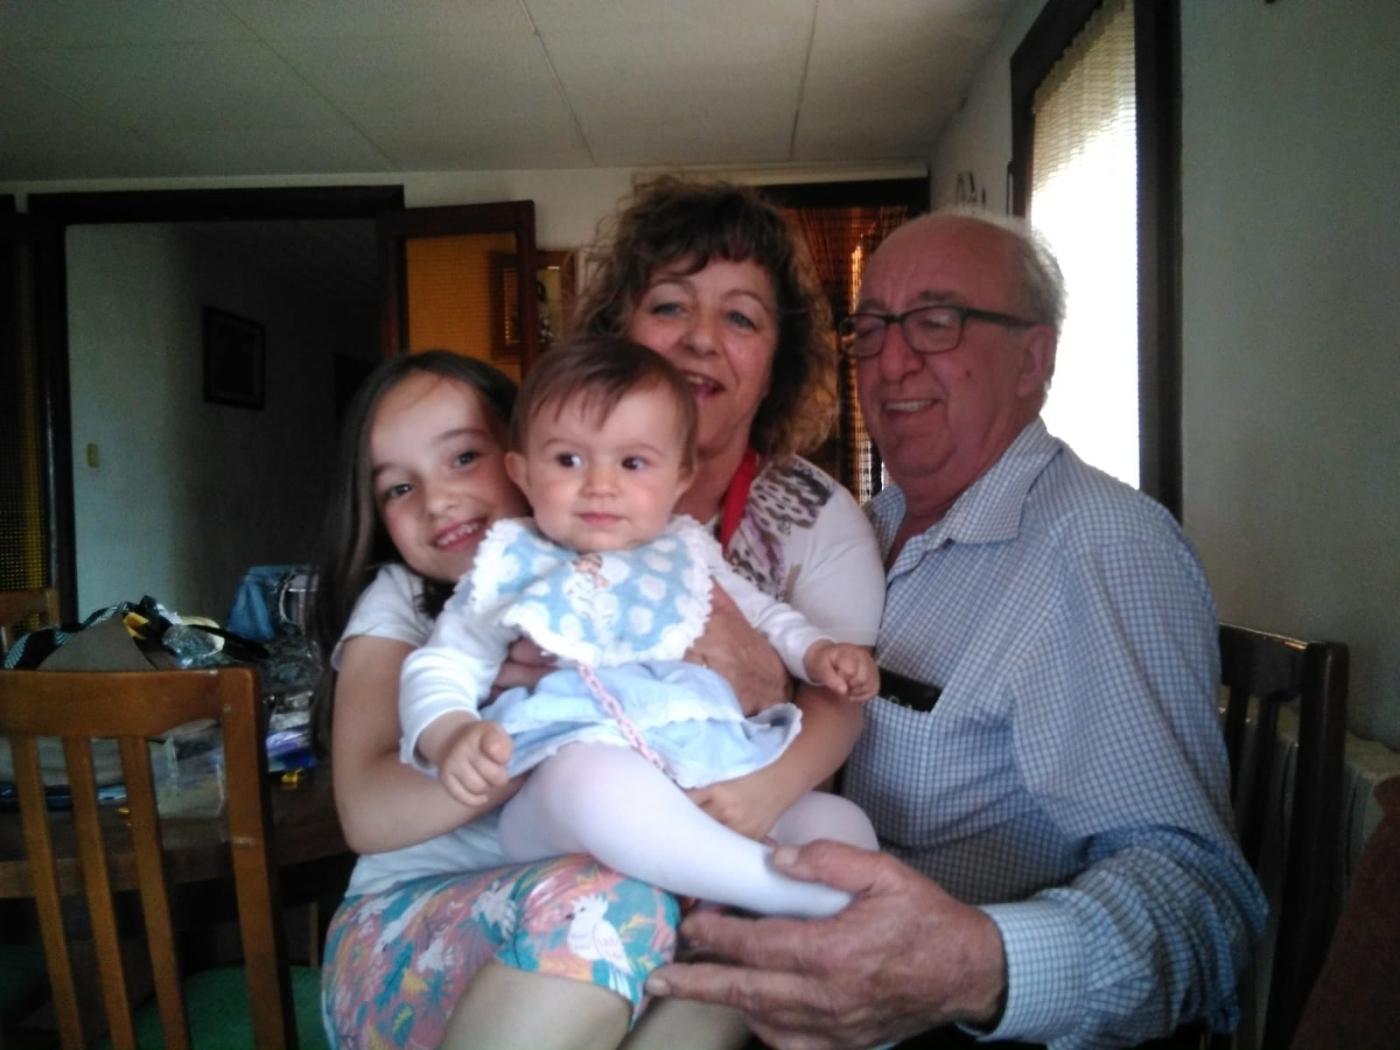 Avis i néts i tots contents